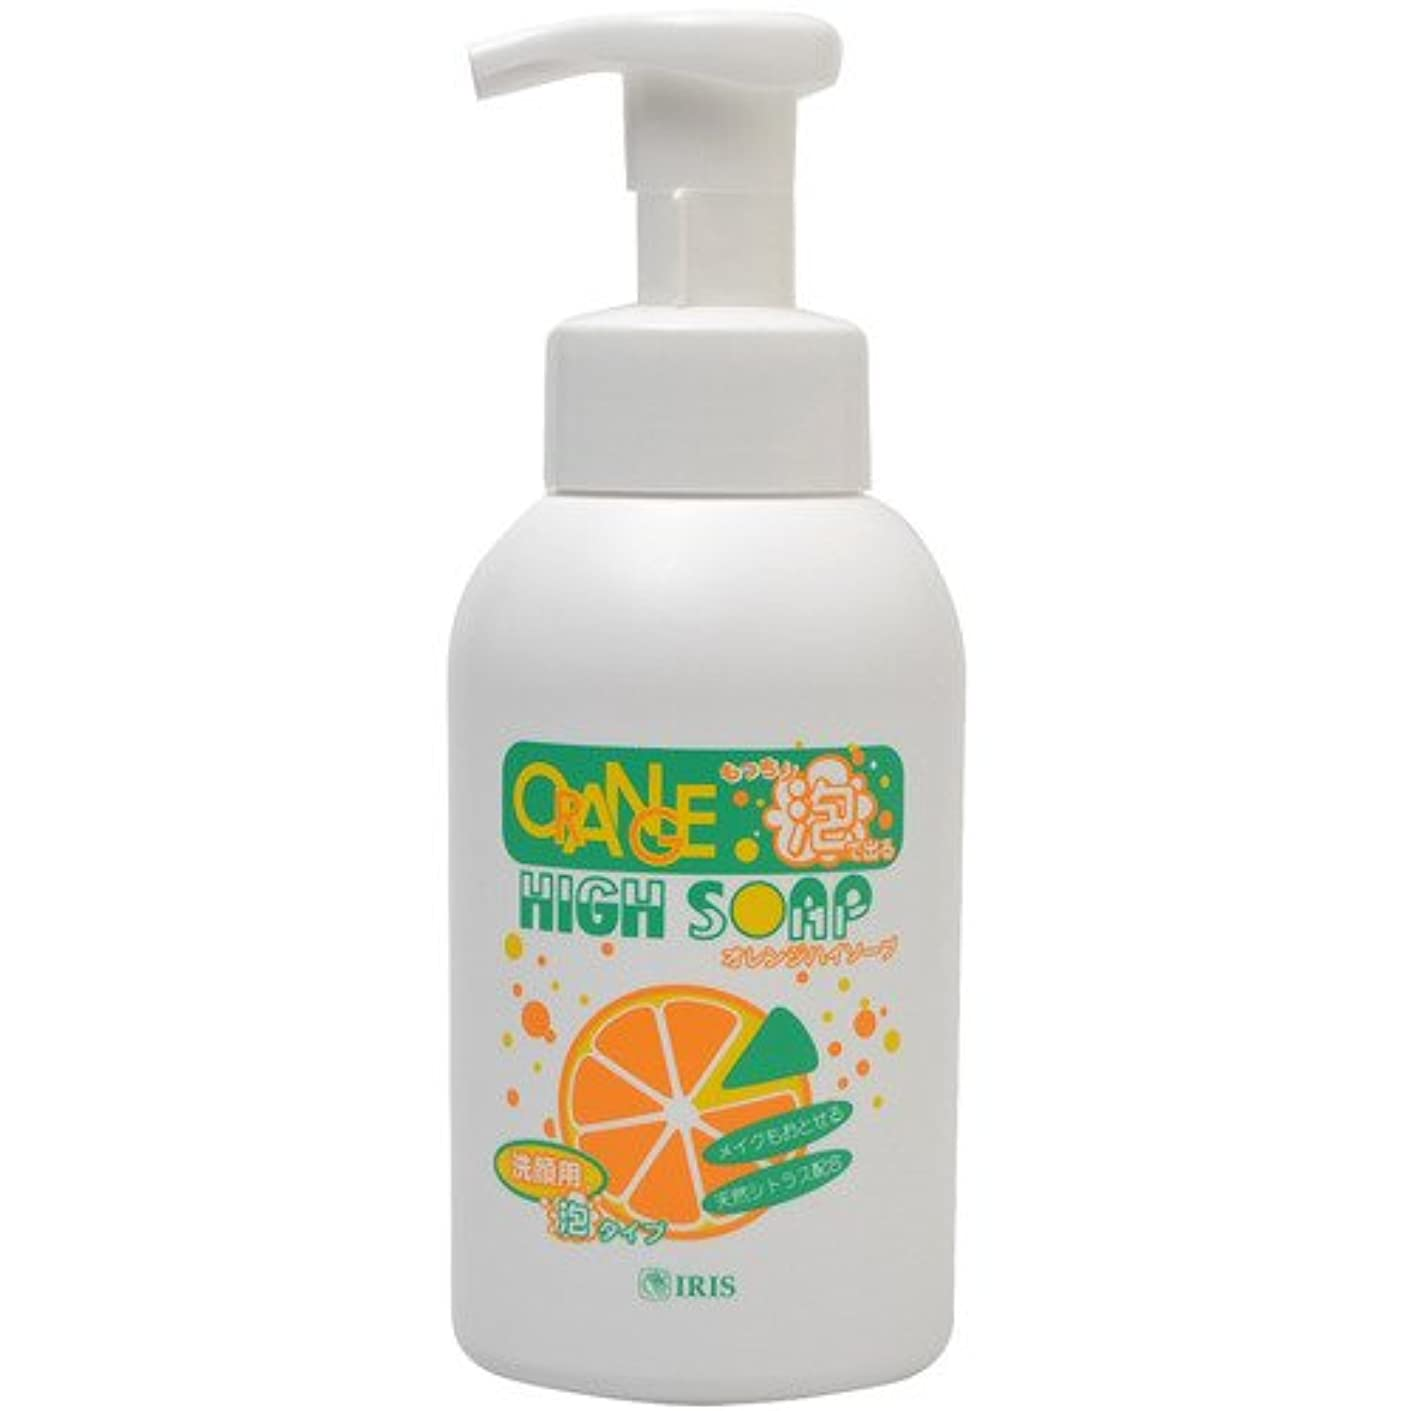 安定した獣真っ逆さまオレンジハイソープ 洗顔用 泡タイプ ポンプ式 400ml